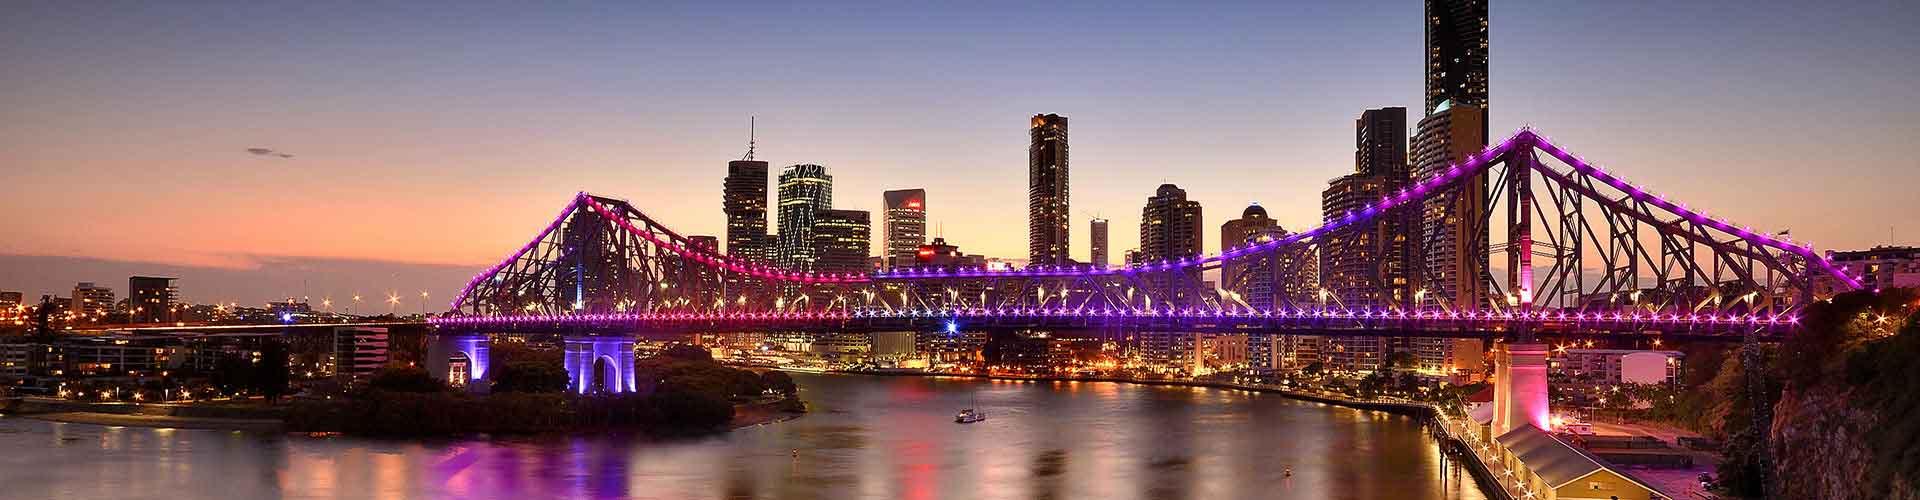 Brisbane - Hoteles baratos en el distritoWest End. Mapas de Brisbane, Fotos y Comentarios para cada hotel en Brisbane.